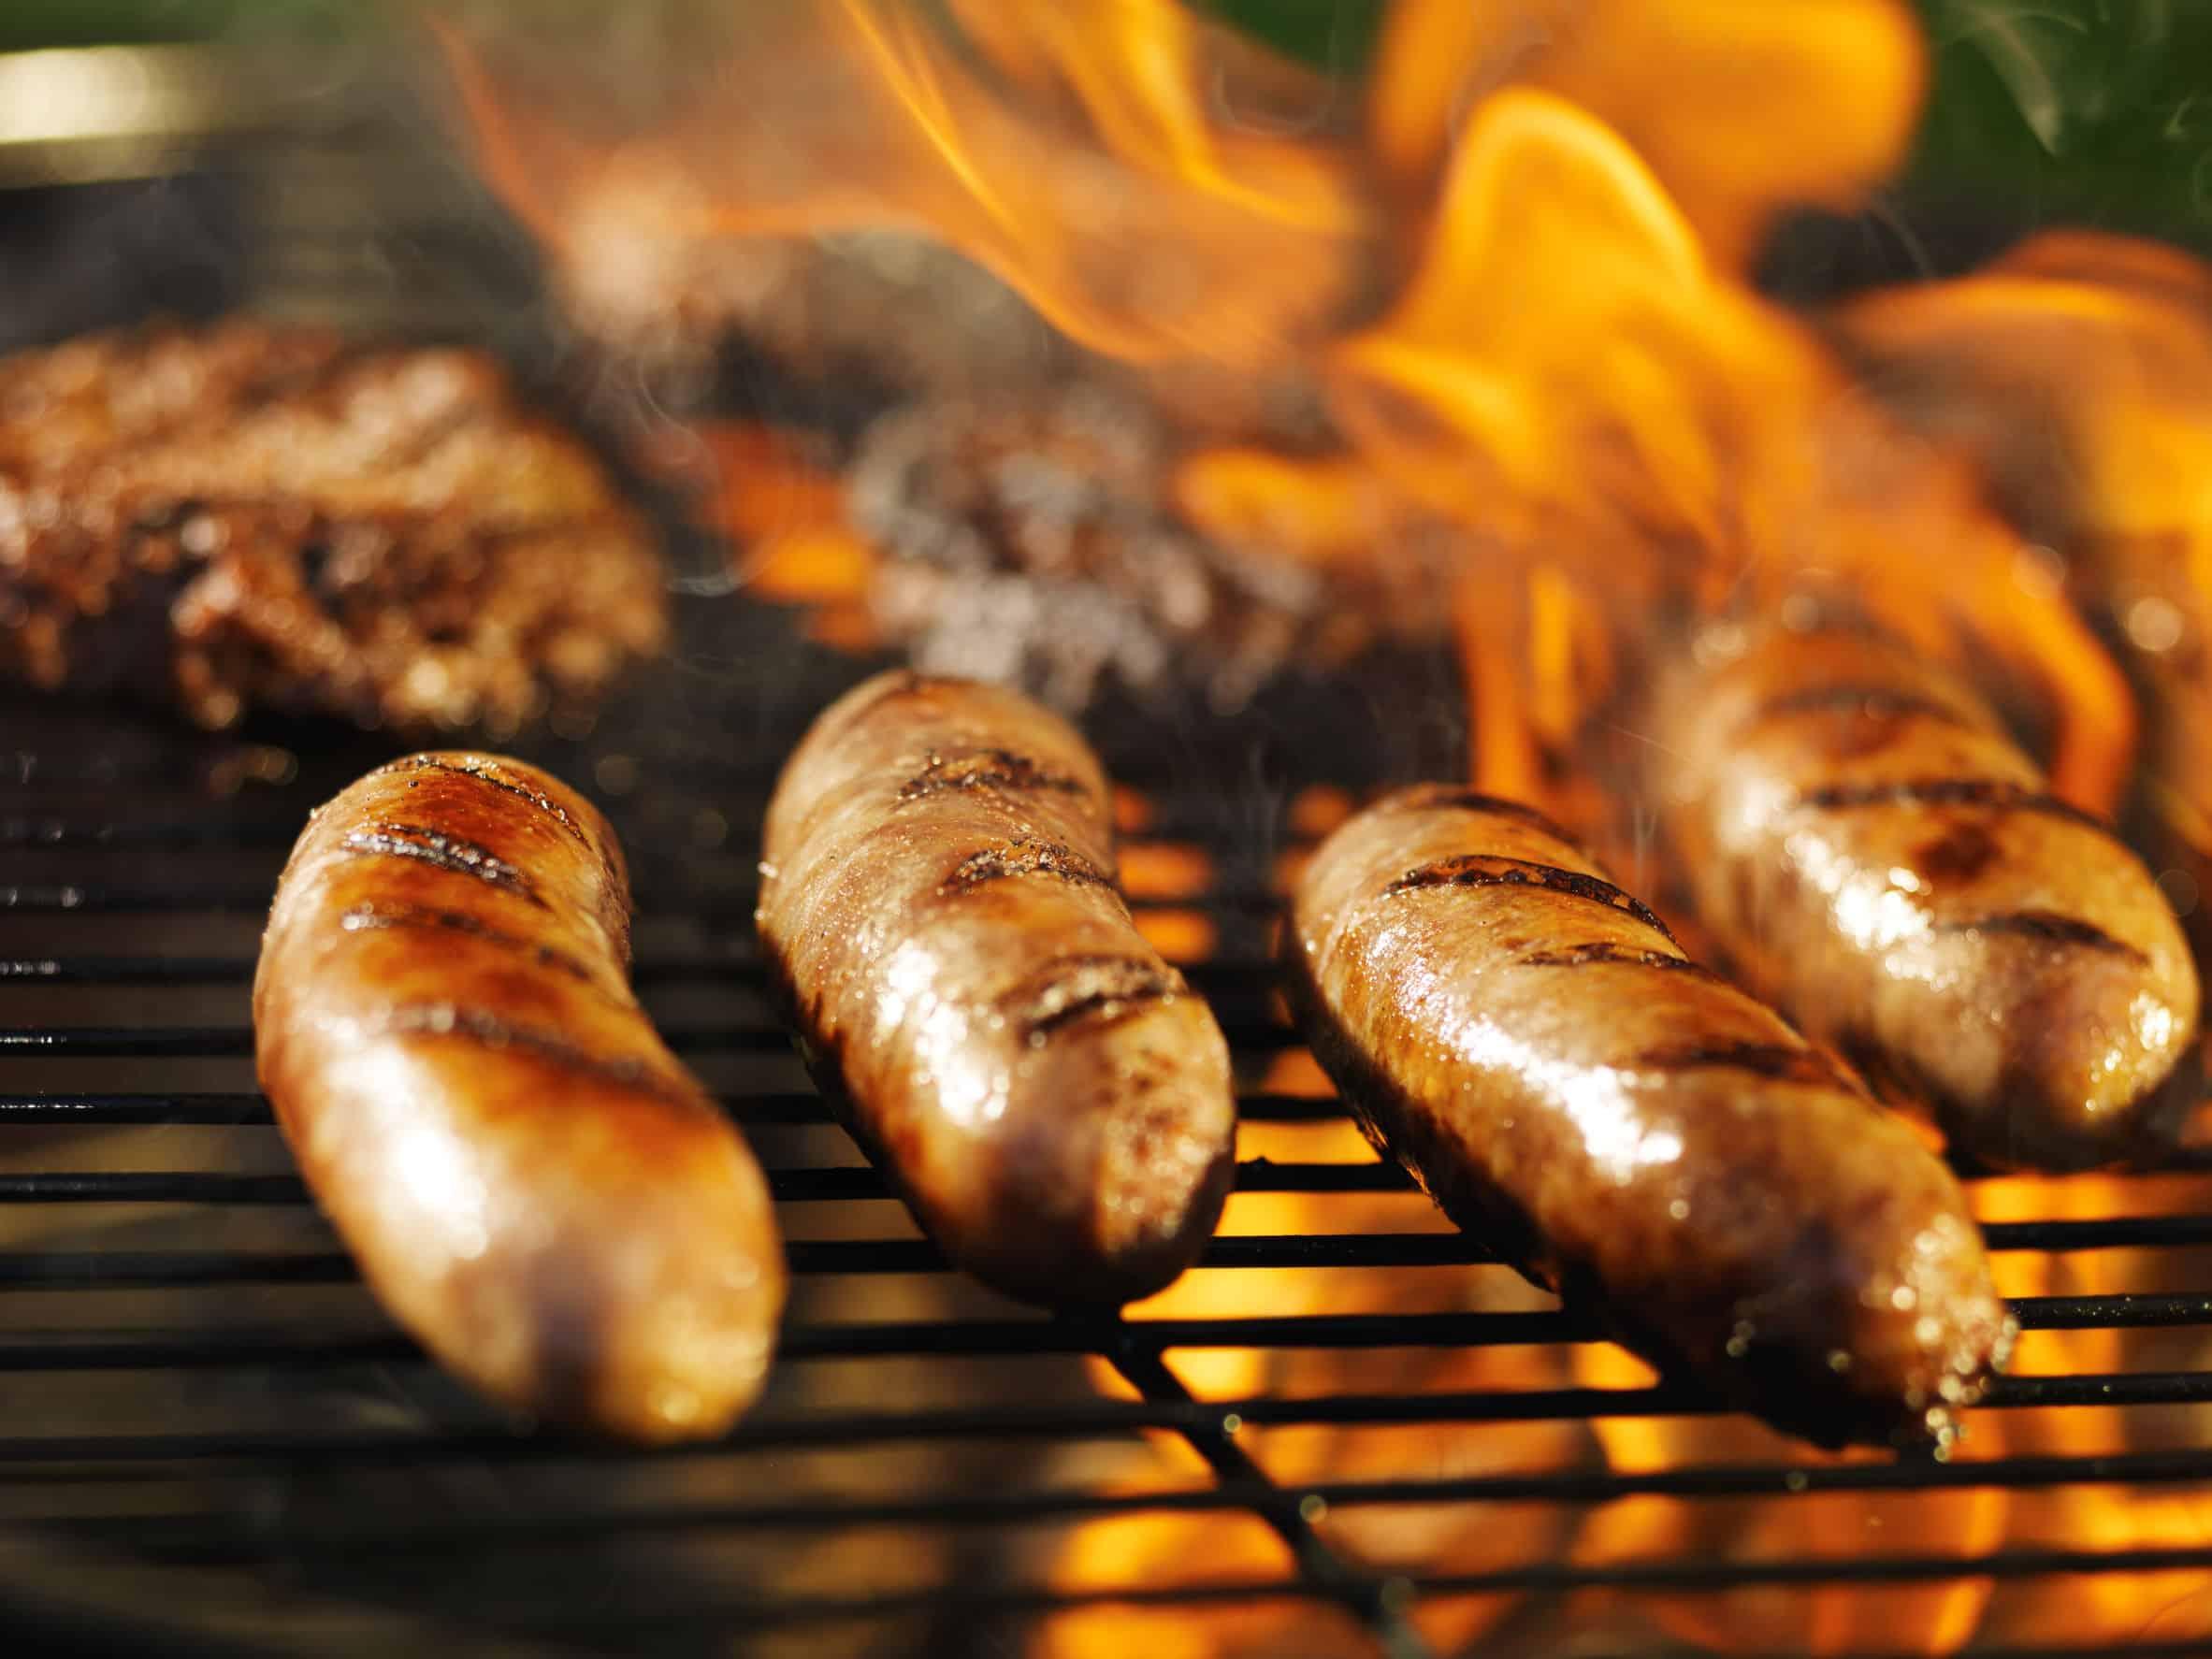 Dreibein Grill: Test & Empfehlungen (02/20)